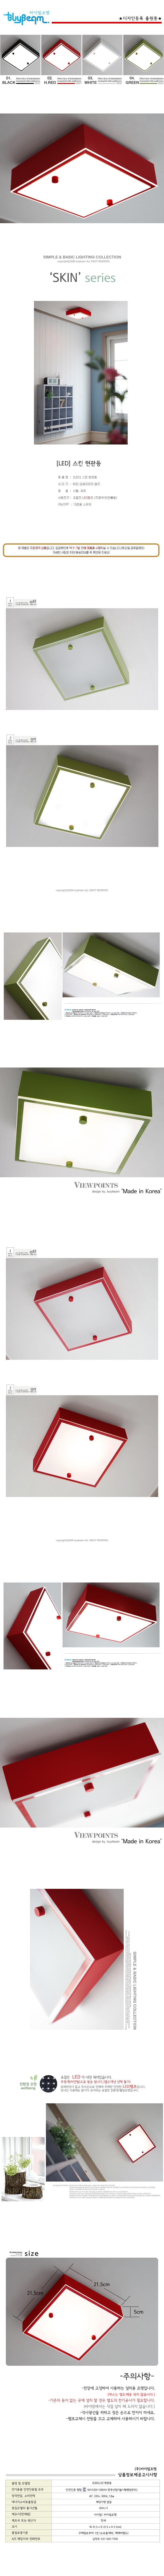 LED 스킨 현관등-2color - 바이빔, 46,400원, 리빙조명, 방등/천장등